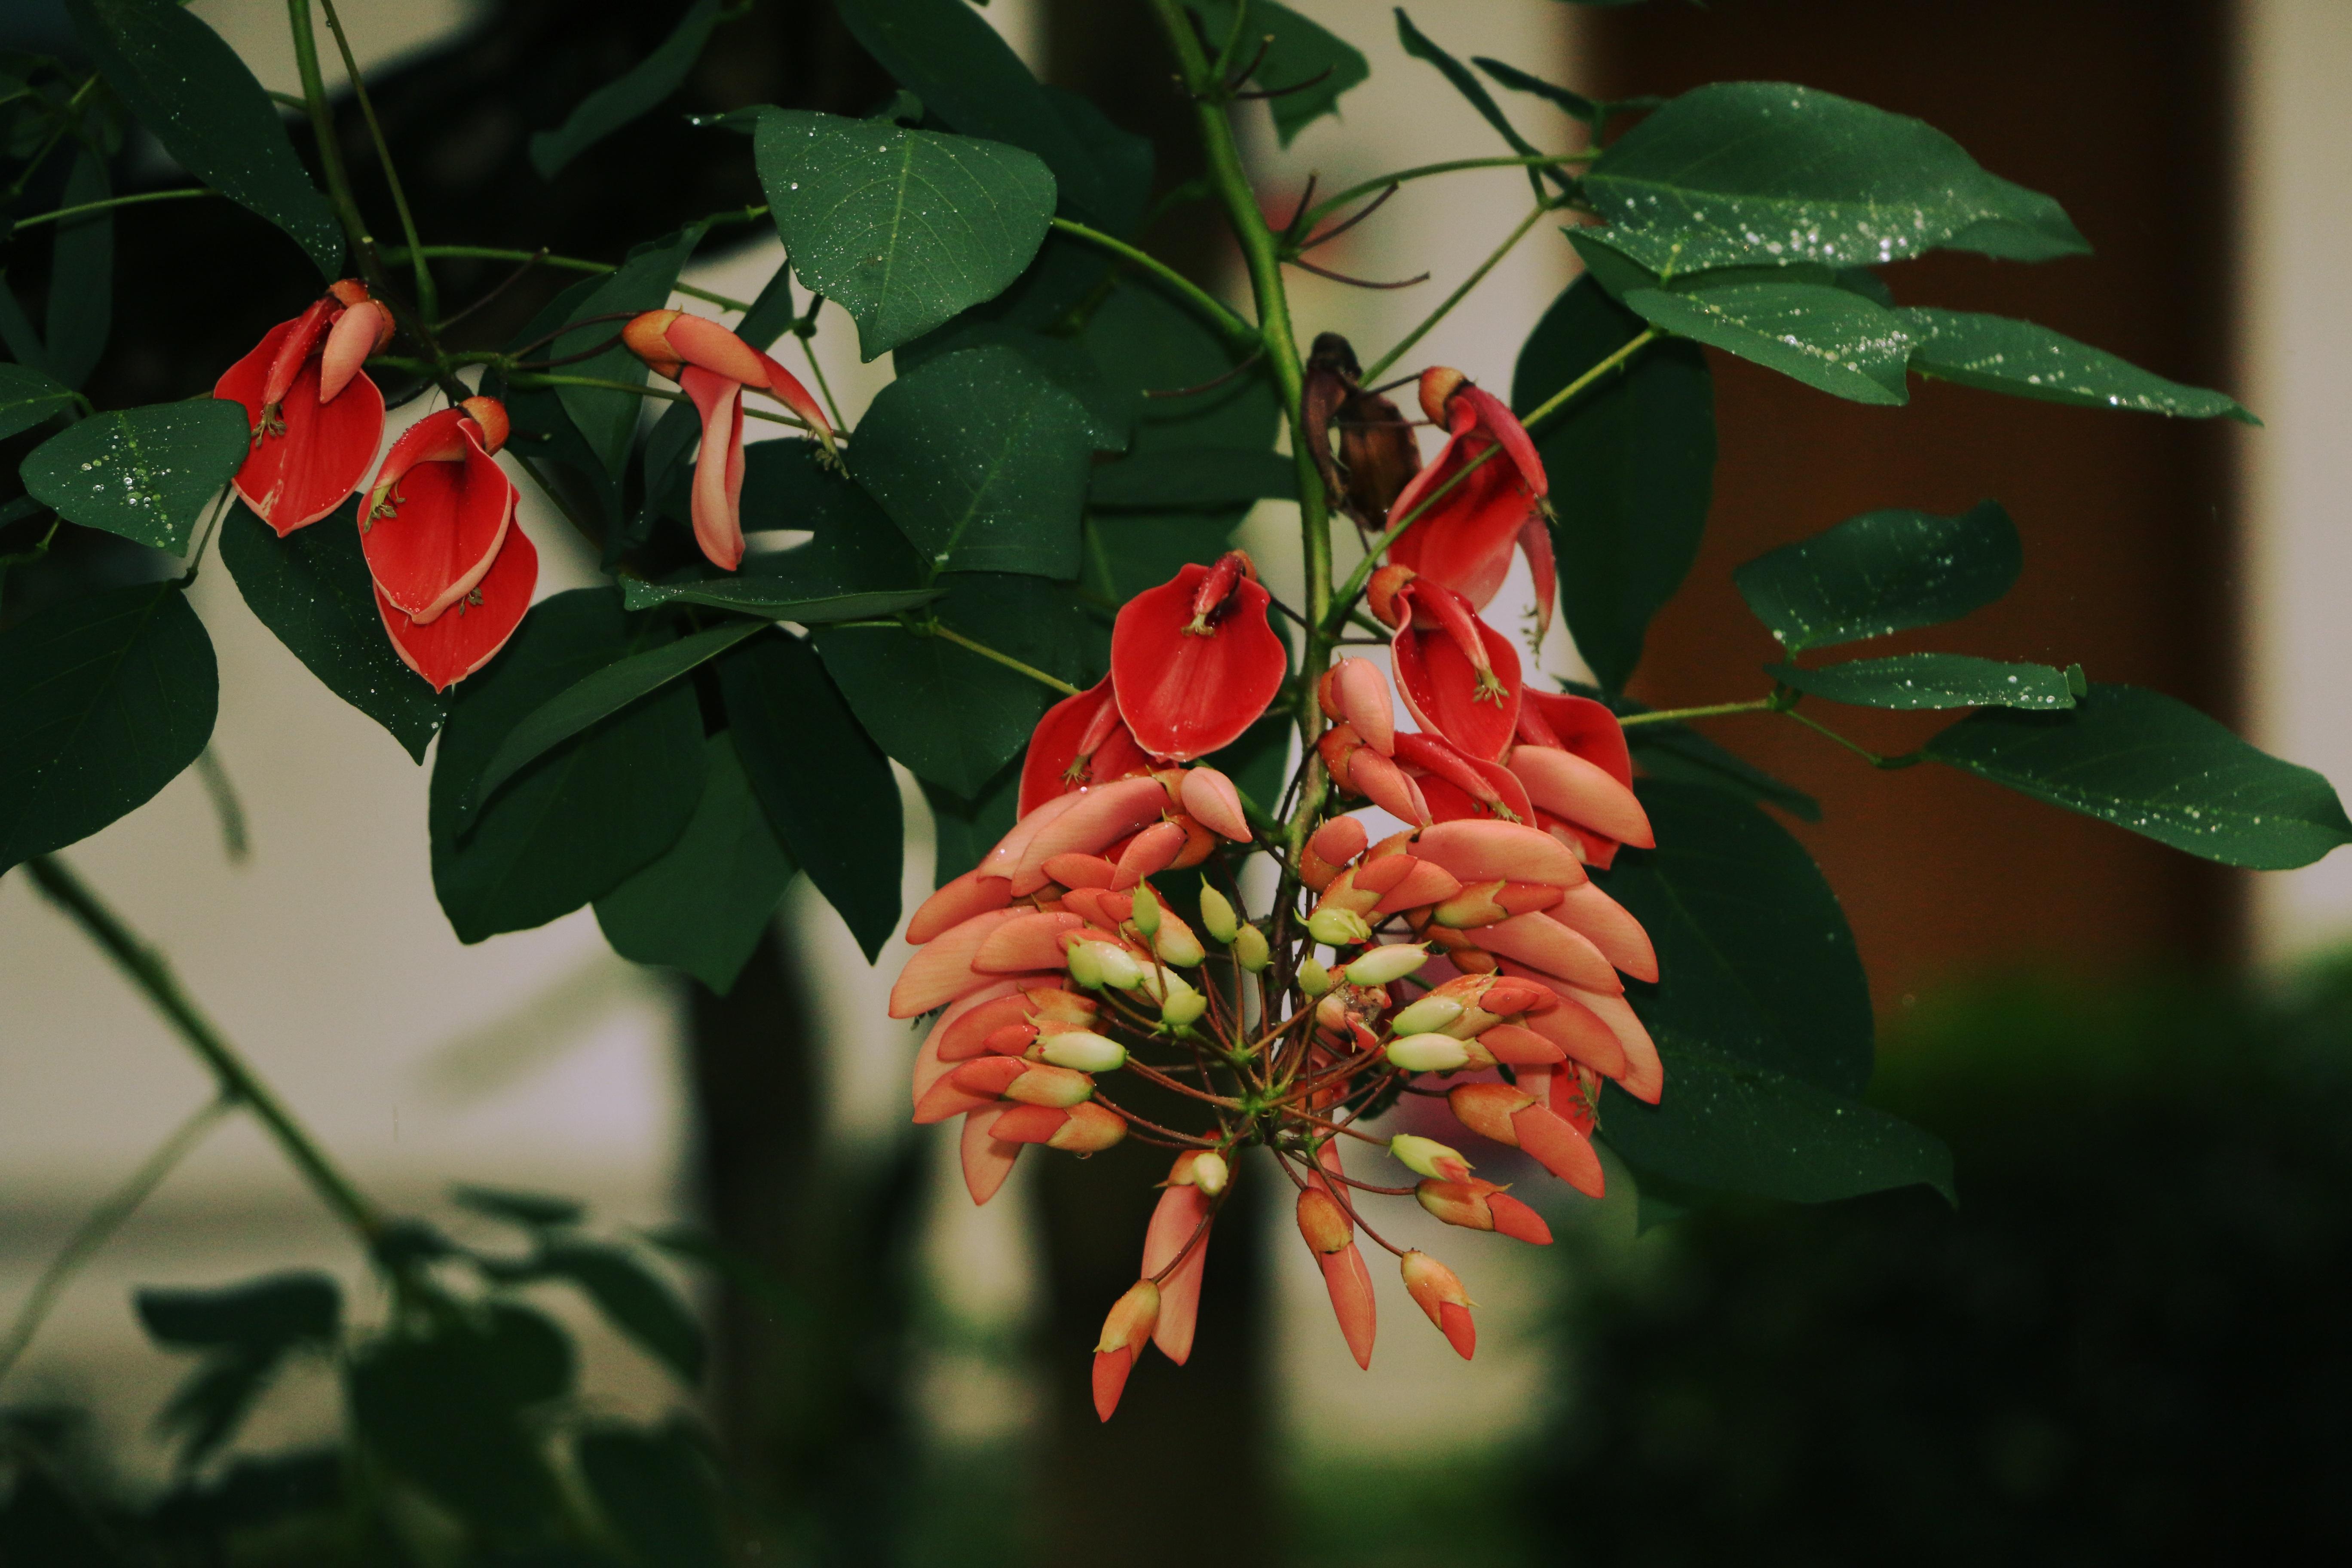 images gratuites : la nature, branche, fleur, rosée, vert, rouge